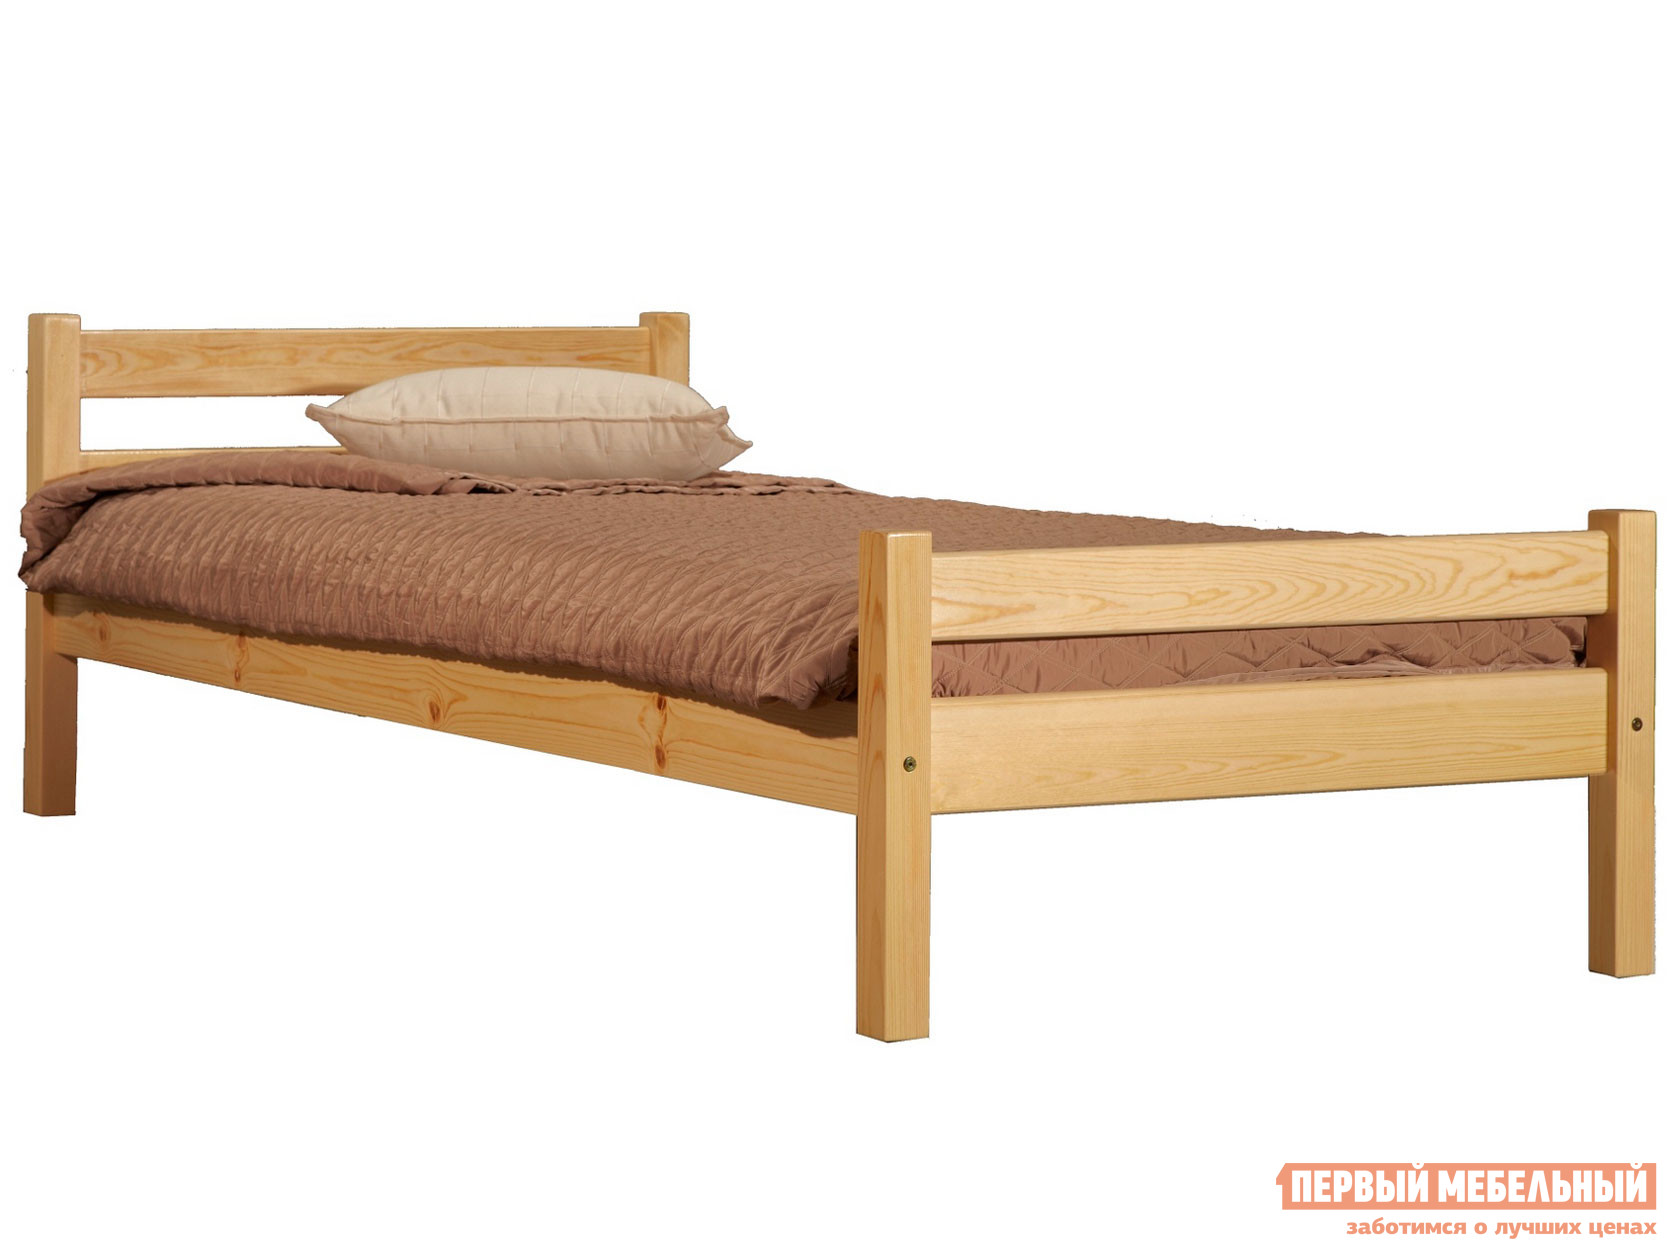 Односпальная кровать Timberica Кровать Классик